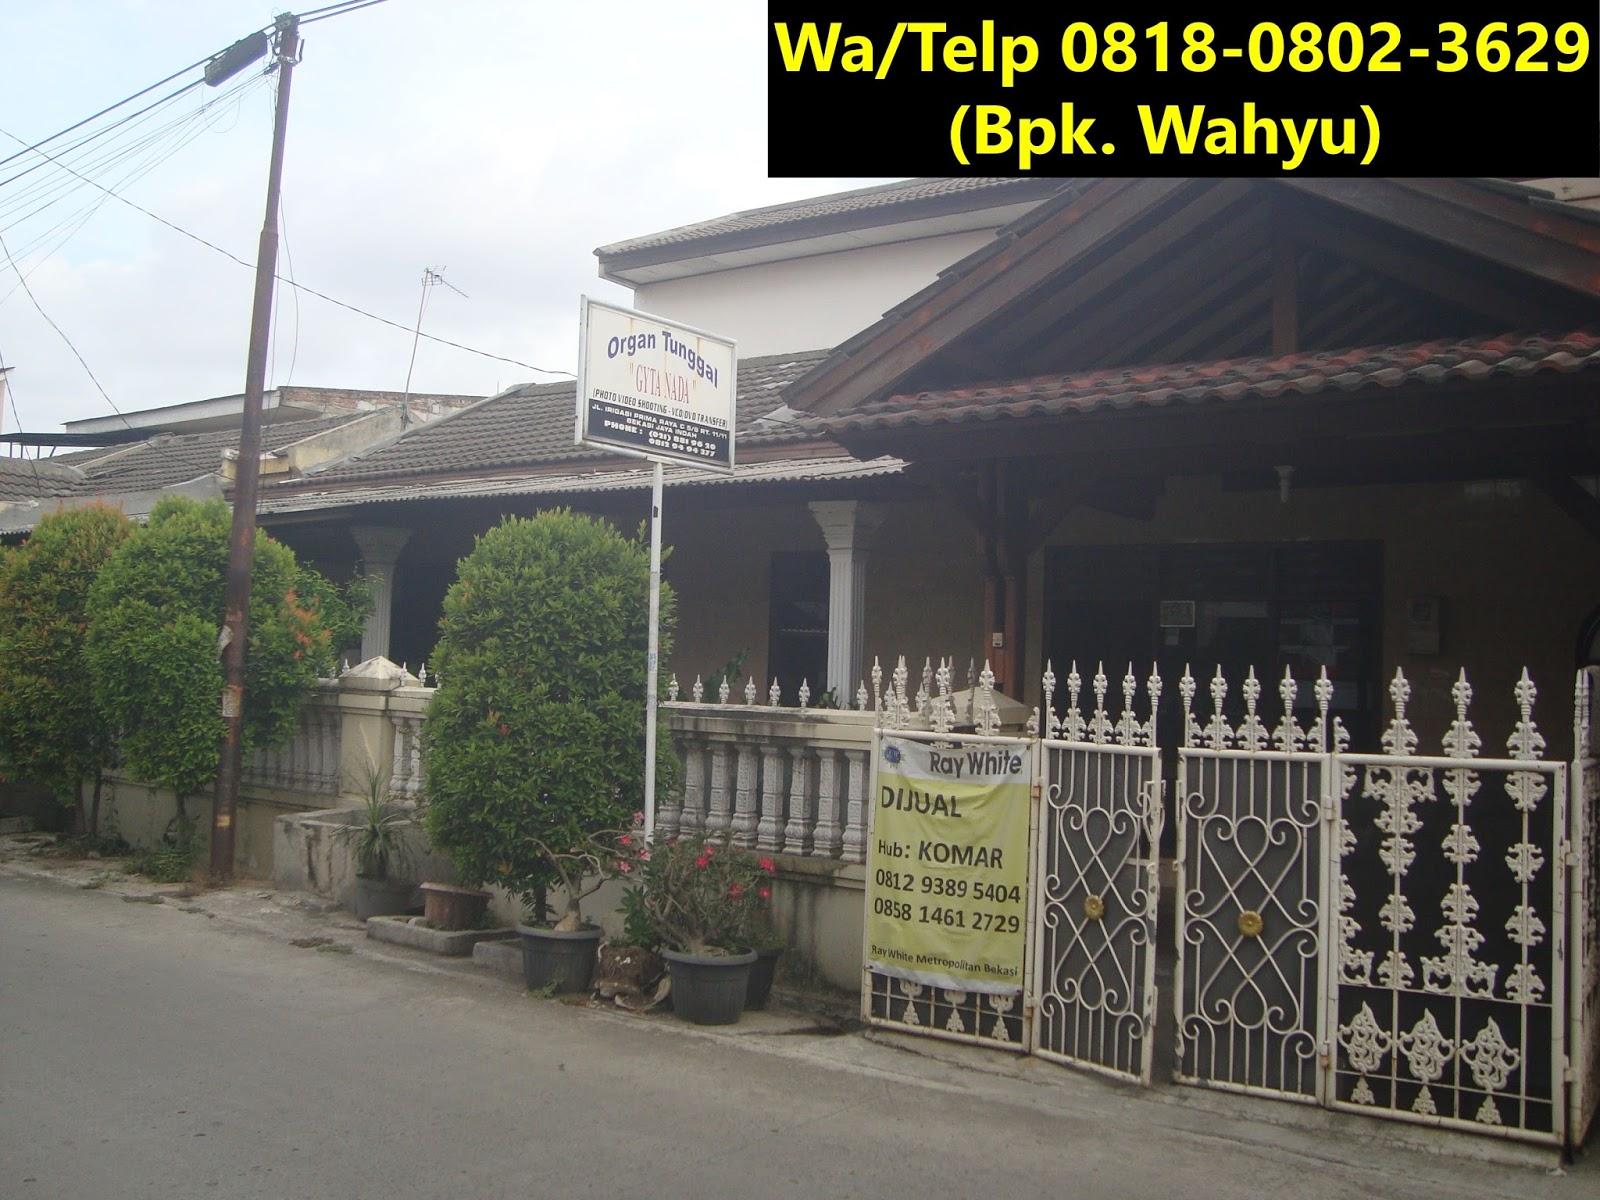 Watelp 0818 0802 3629 Jual Rumah Di Bekasi Jaya Jual Beli